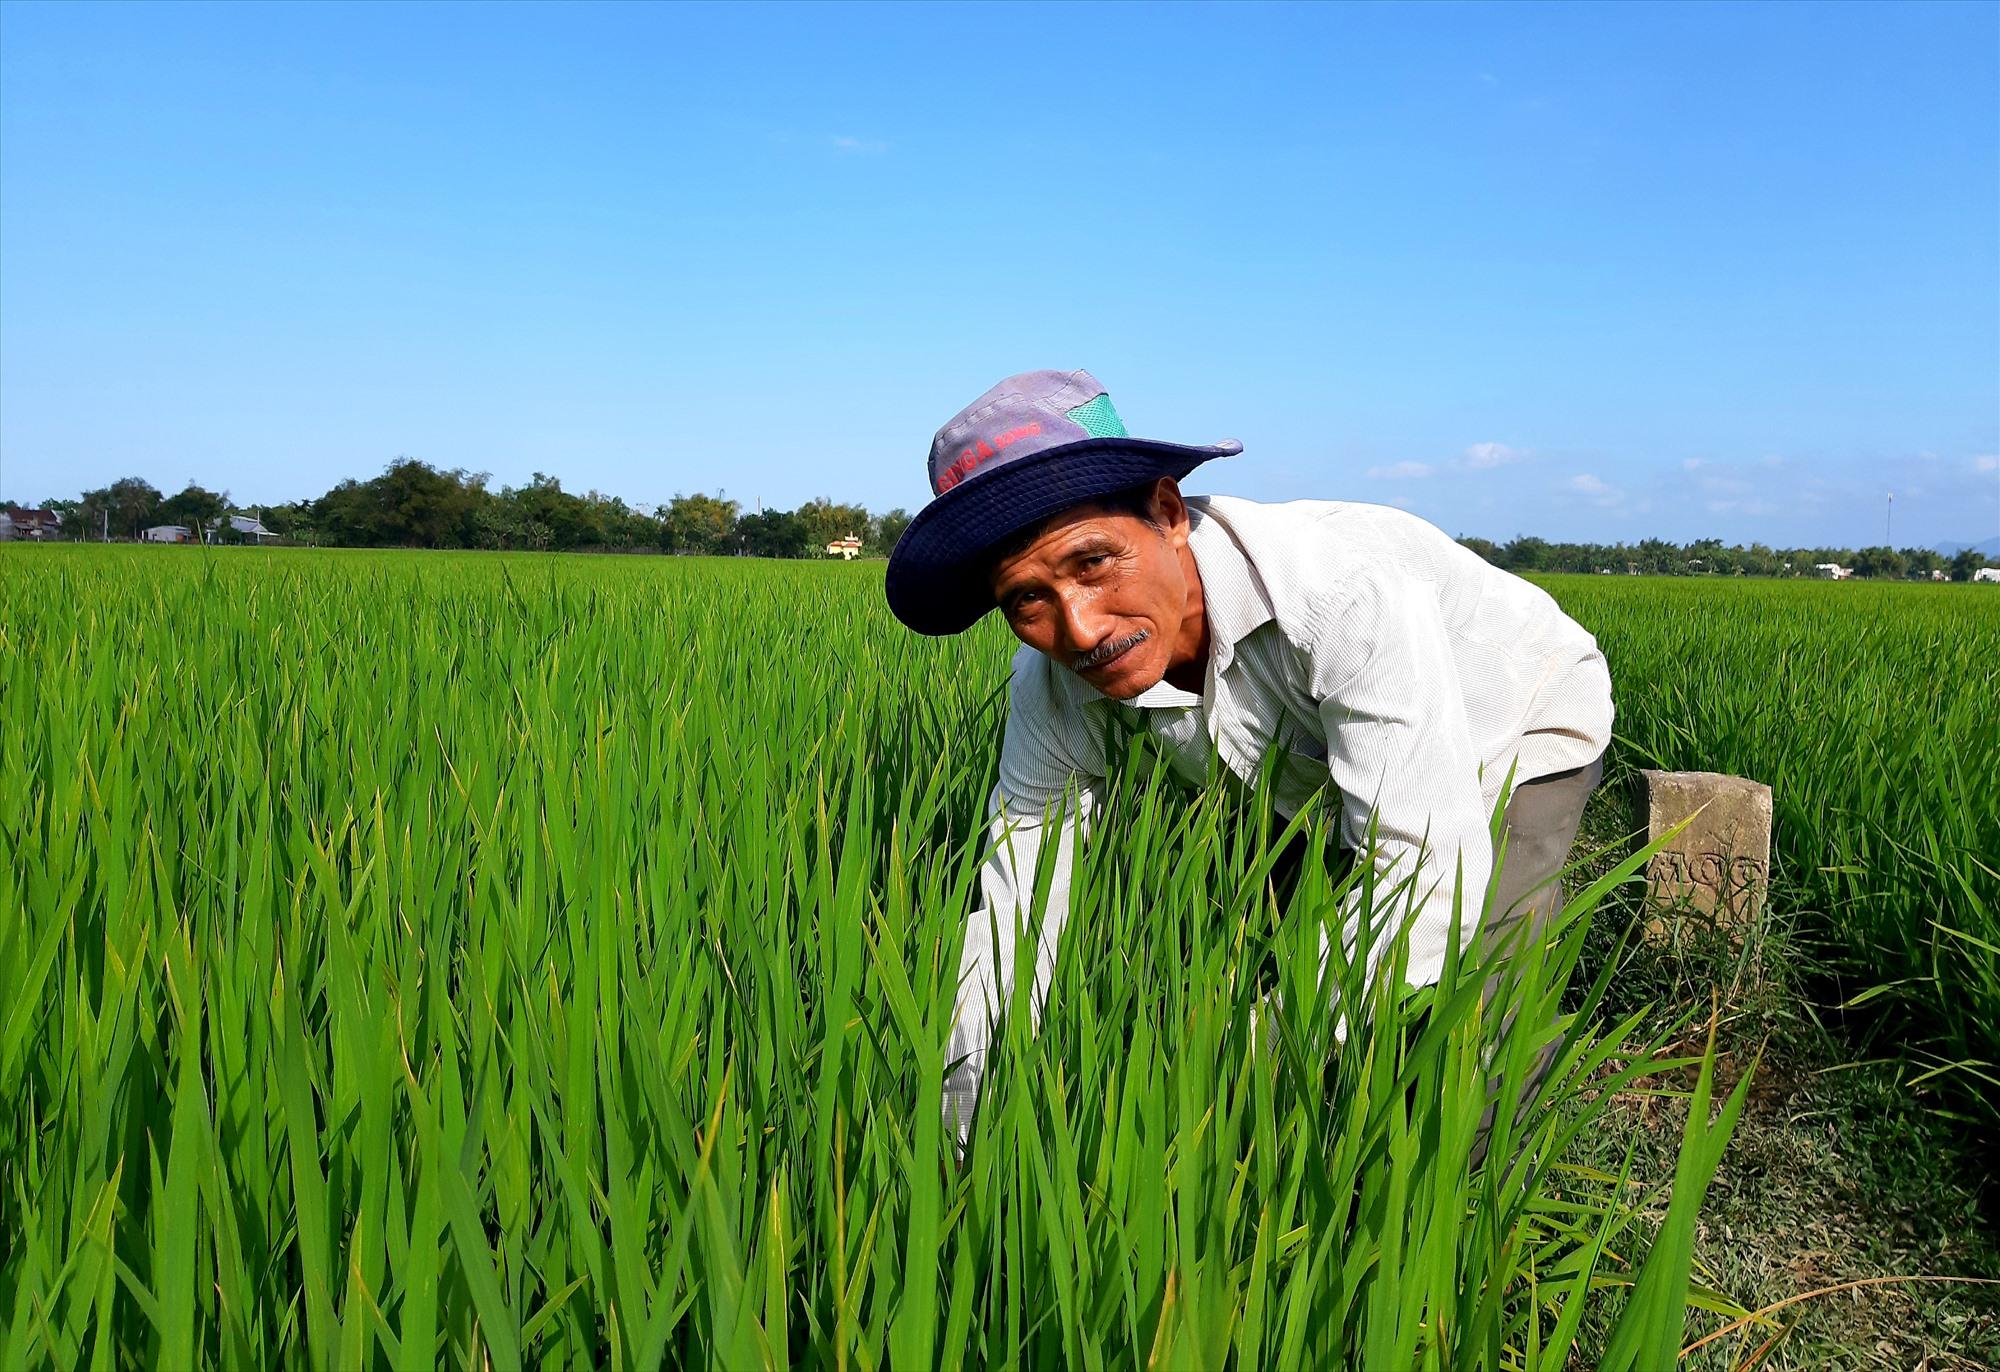 Nông dân xã Đại Minh (Đại Lộc) vạch ruộng lúa để kiểm tra kỹ bệnh đạo ôn nhằm chủ động các biện pháp phòng trừ. Ảnh: TƯ RUỘNG